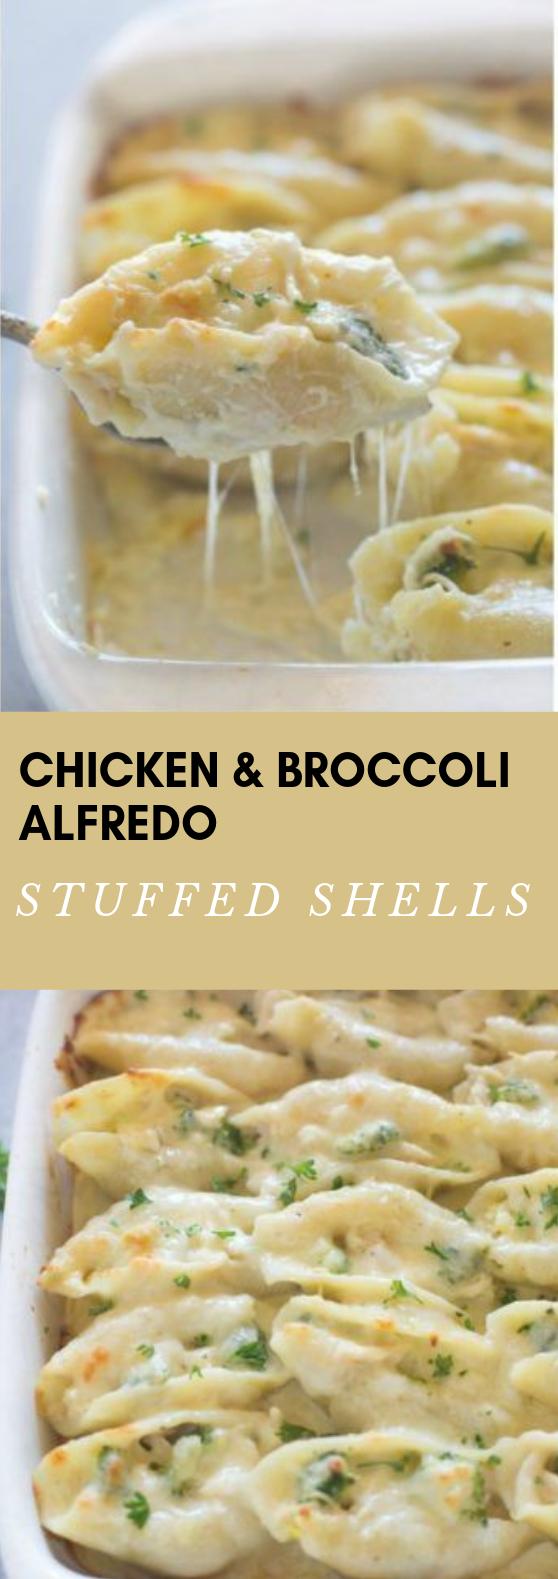 CHICKEN AND BROCCOLI ALFREDO STUFFED SHELLS #eathealty  #foods